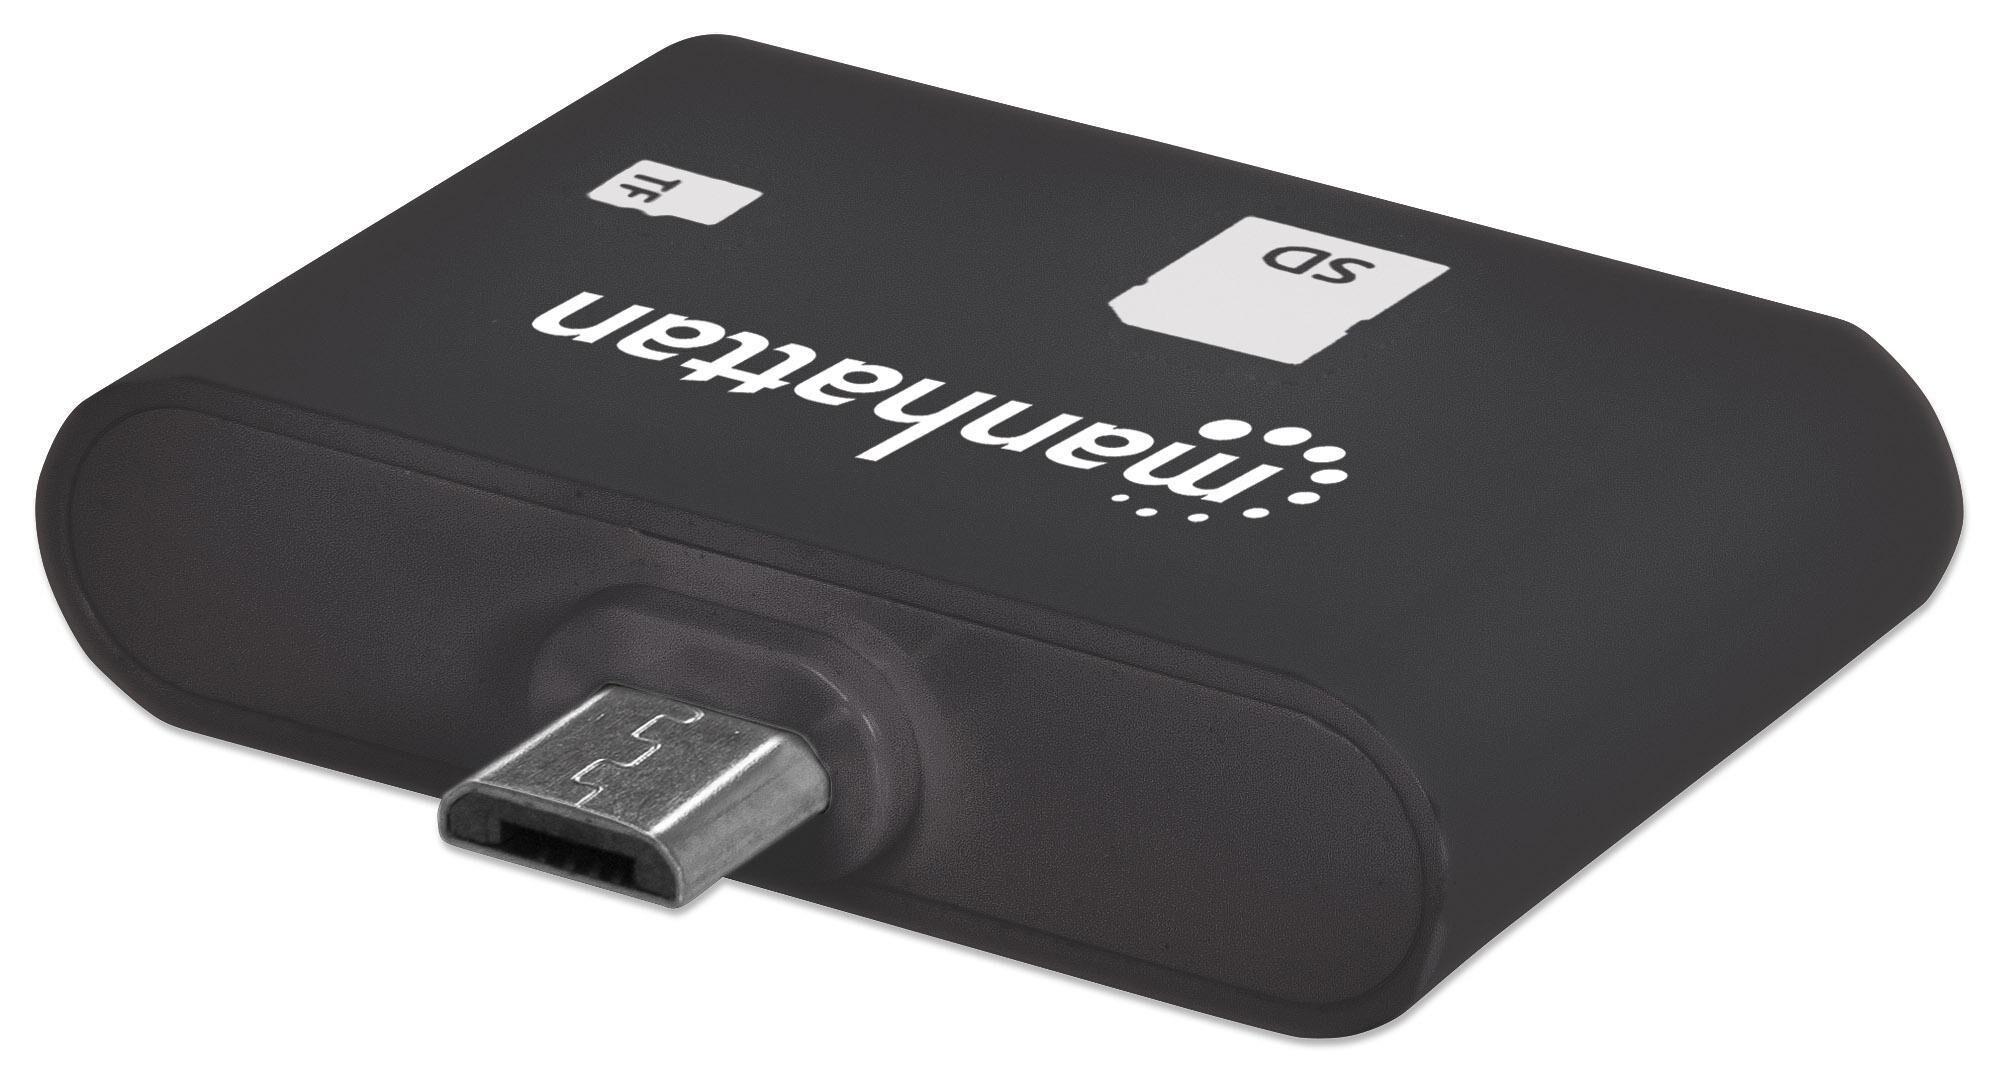 manhattan mini lettore micro usb di memorie sd/microsd per smartphone e...